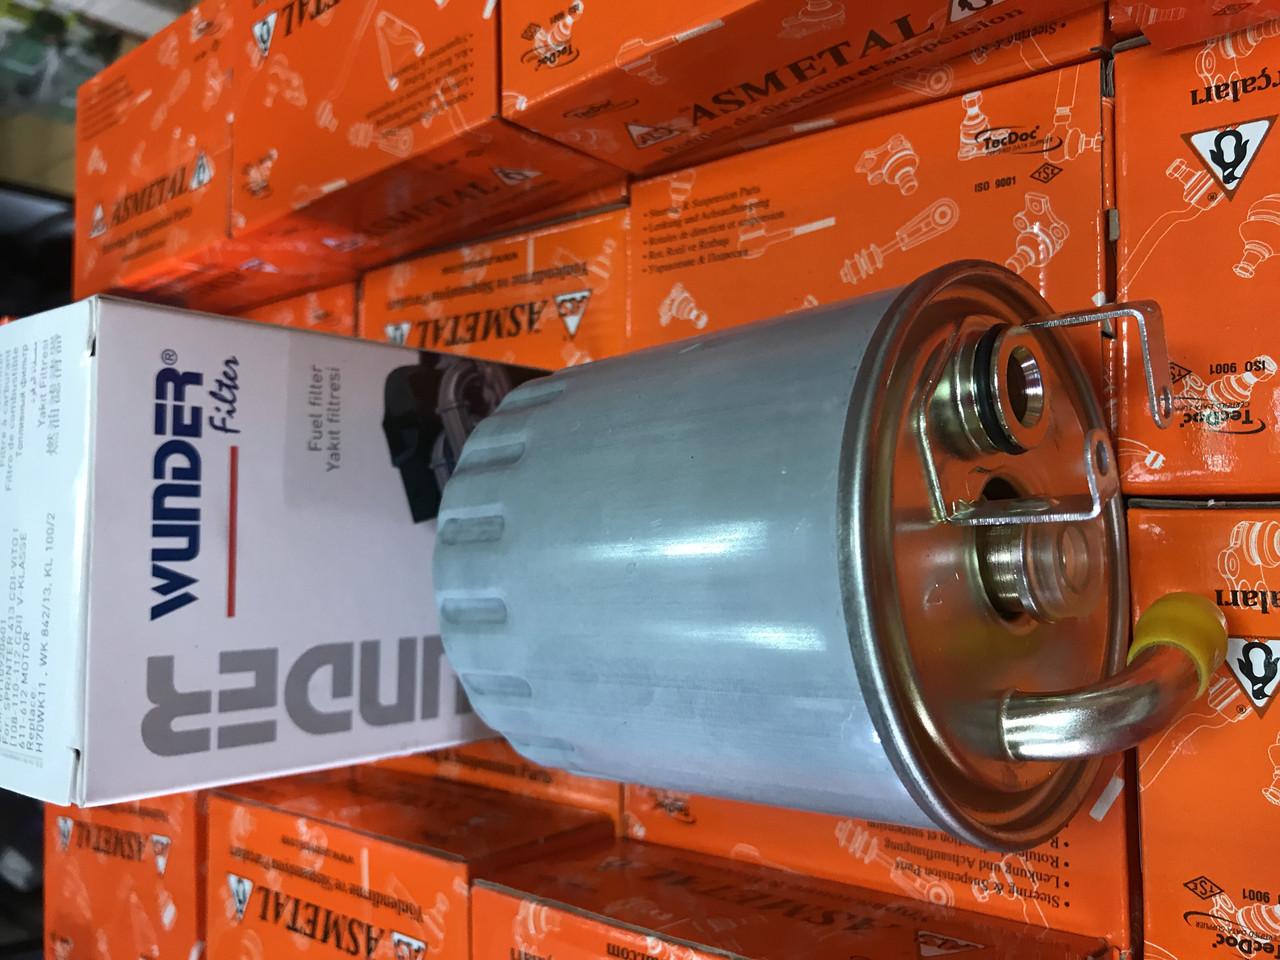 Фильтр топливный на Sprinter I (00-06 р) и на Vito 99-03 с CDI WUNDER